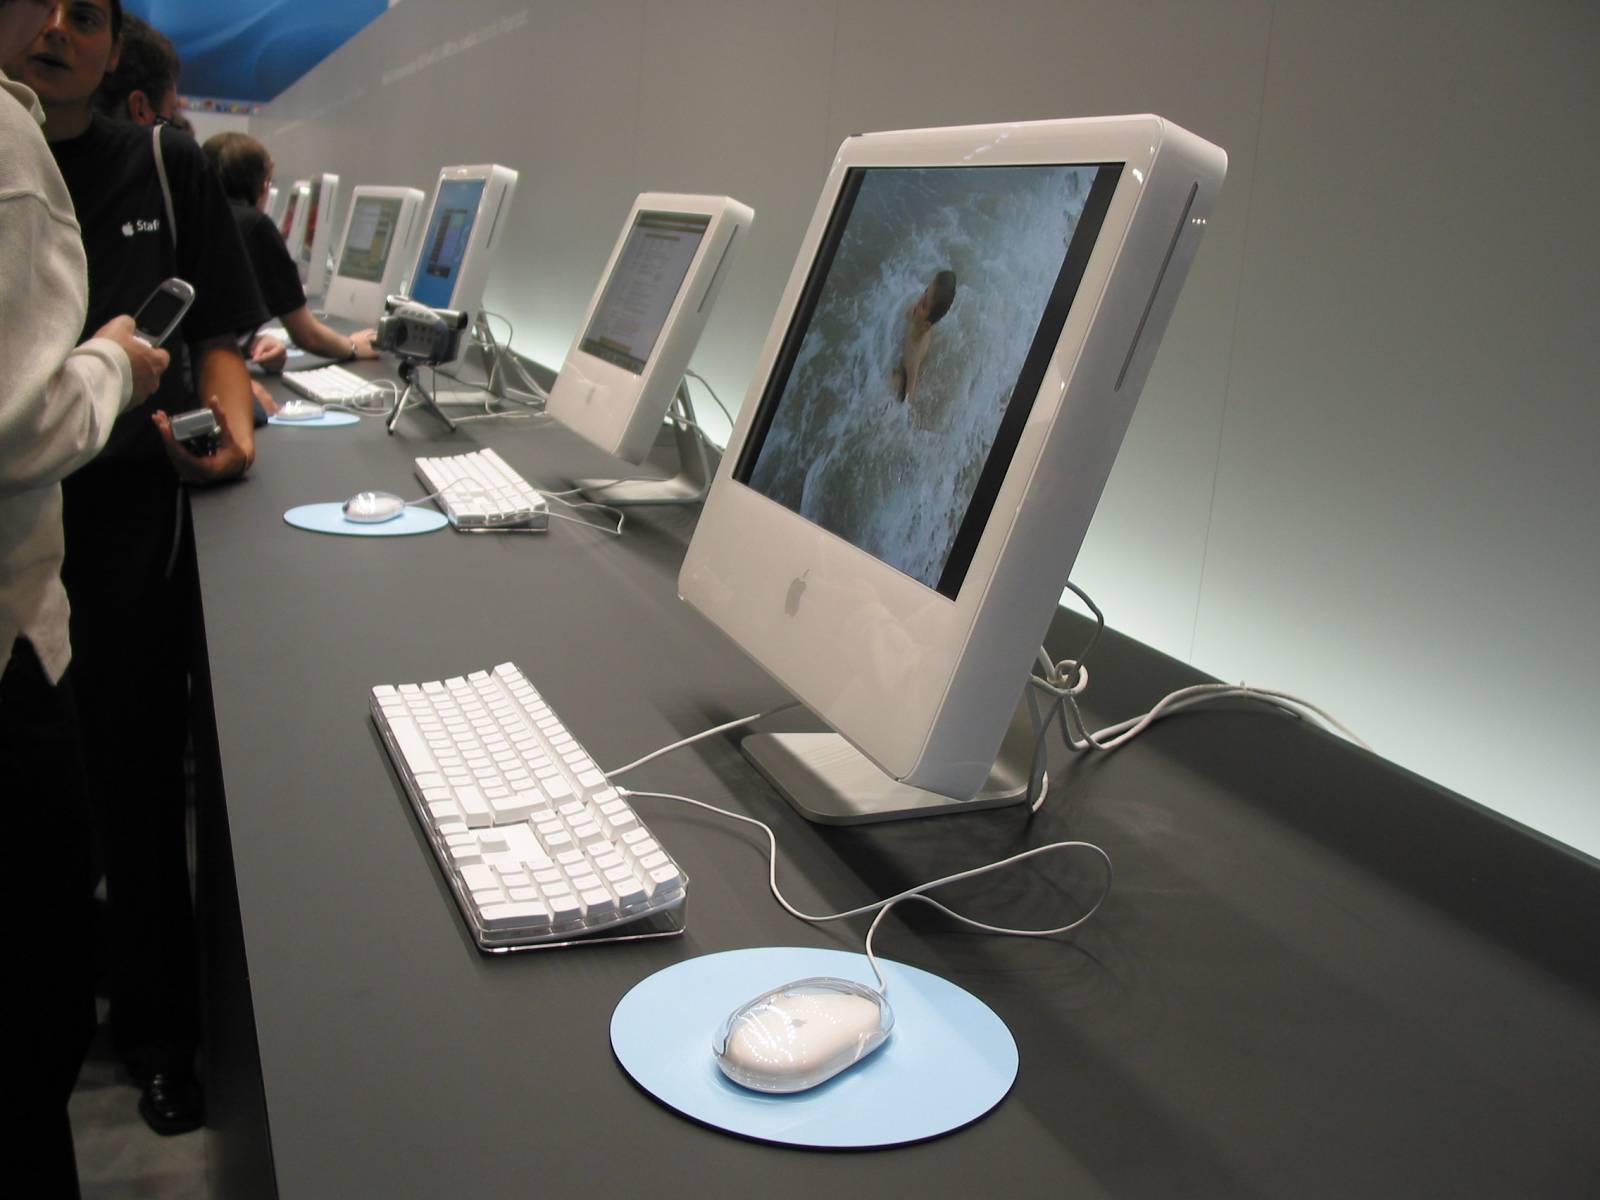 Das war der Knüller auf der Keynote 2004: Der iMac G5 im neuen Design. Das hat sich bis heute kaum geändert.